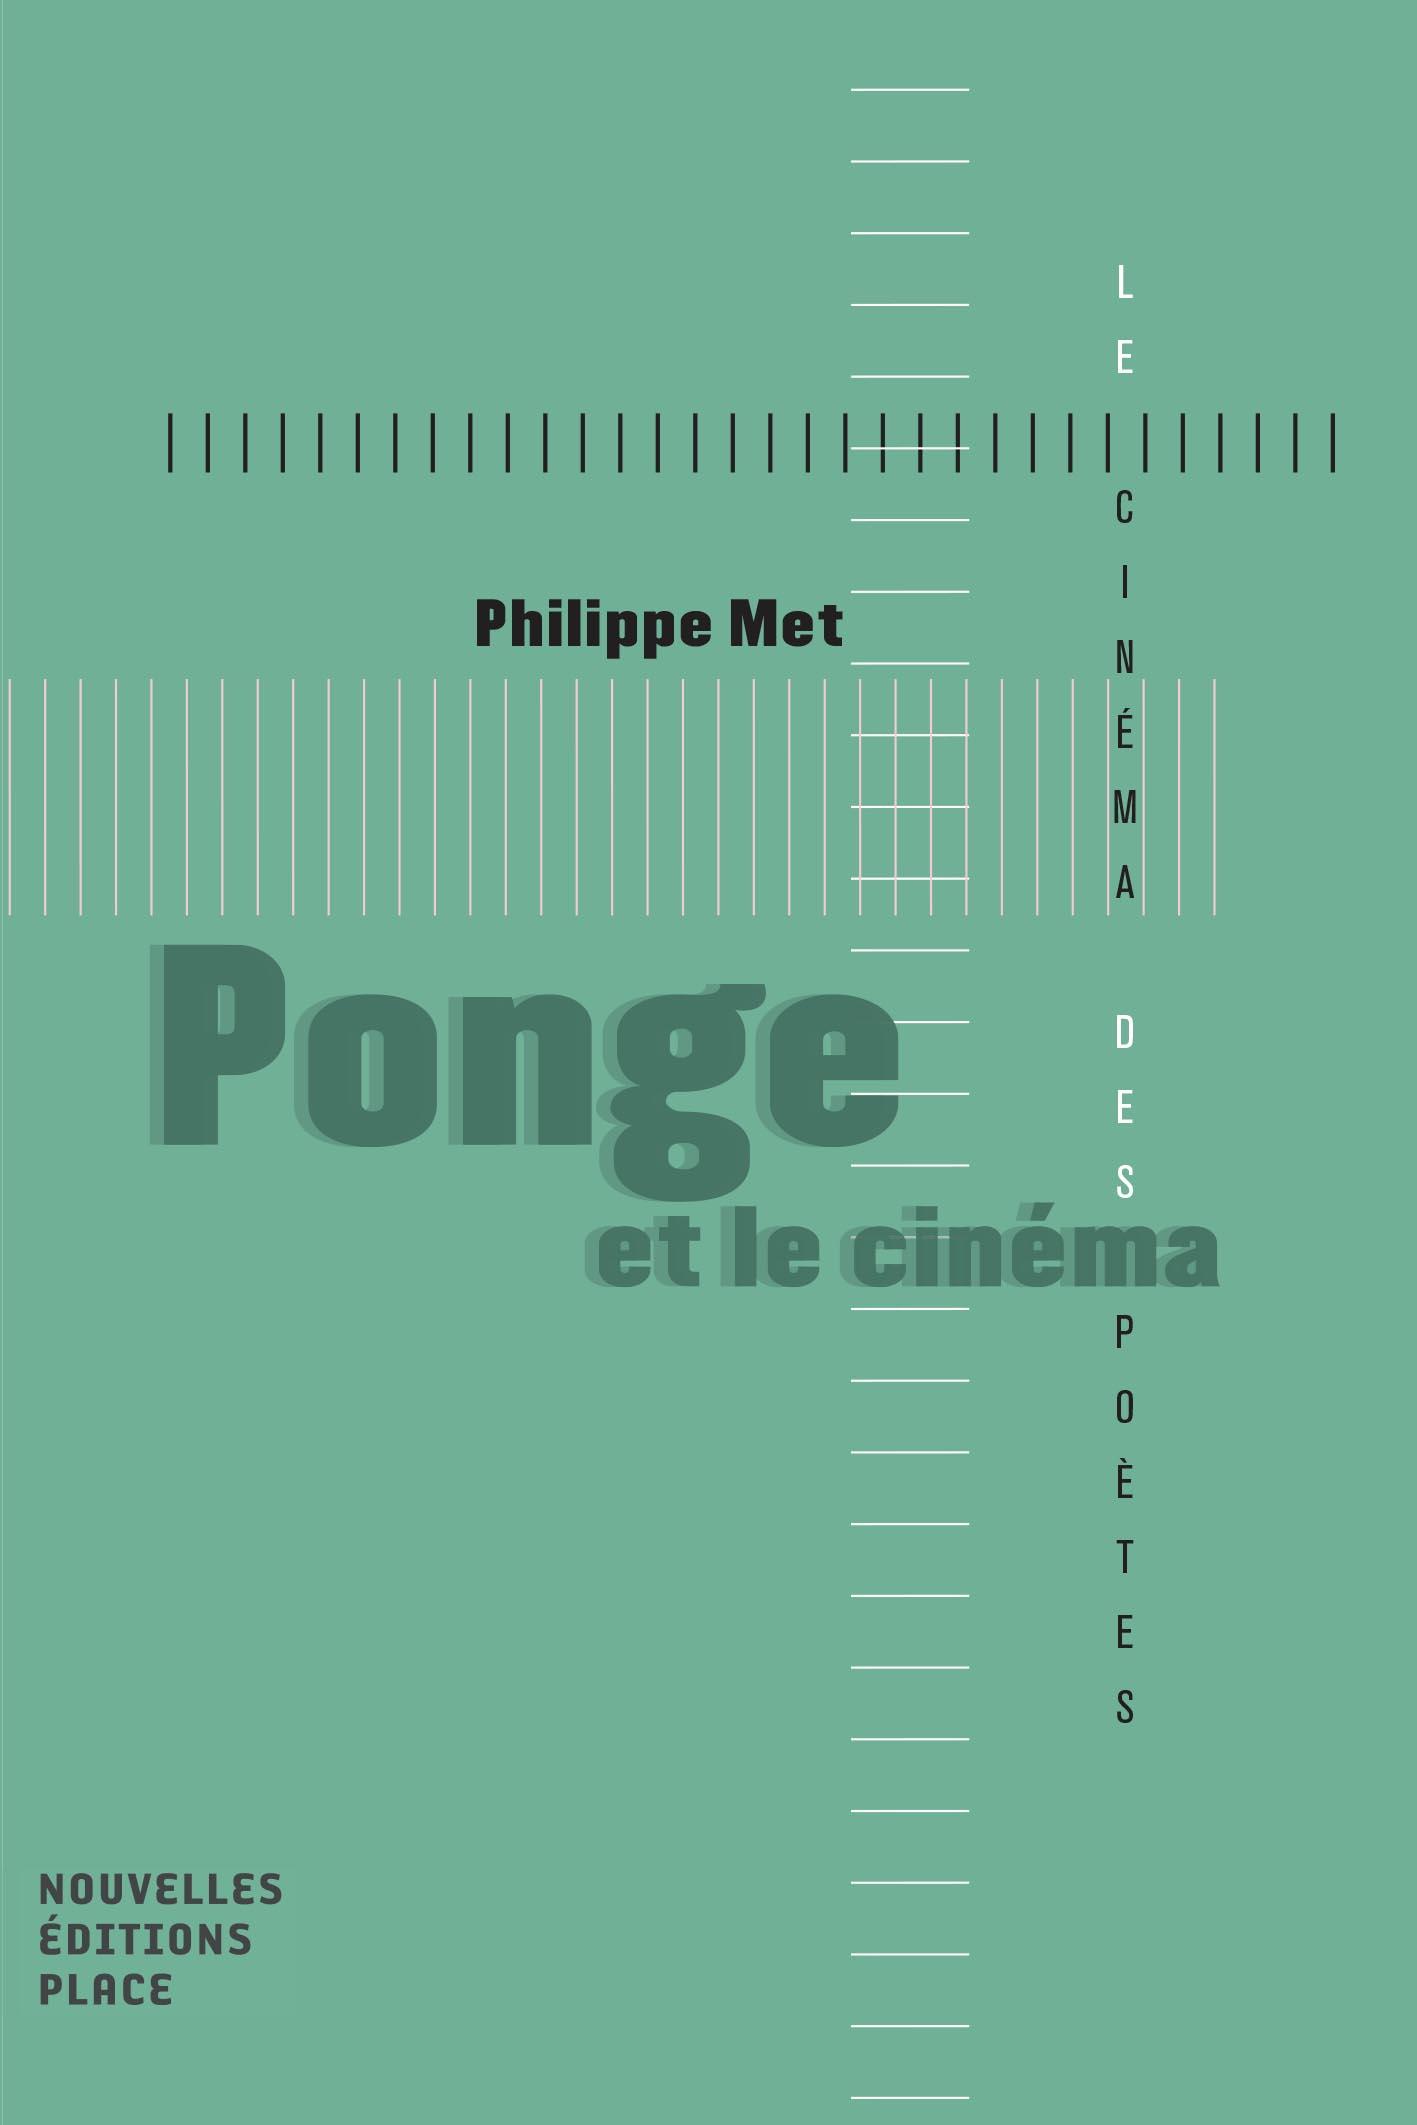 Ph. Met, Ponge et le cinéma